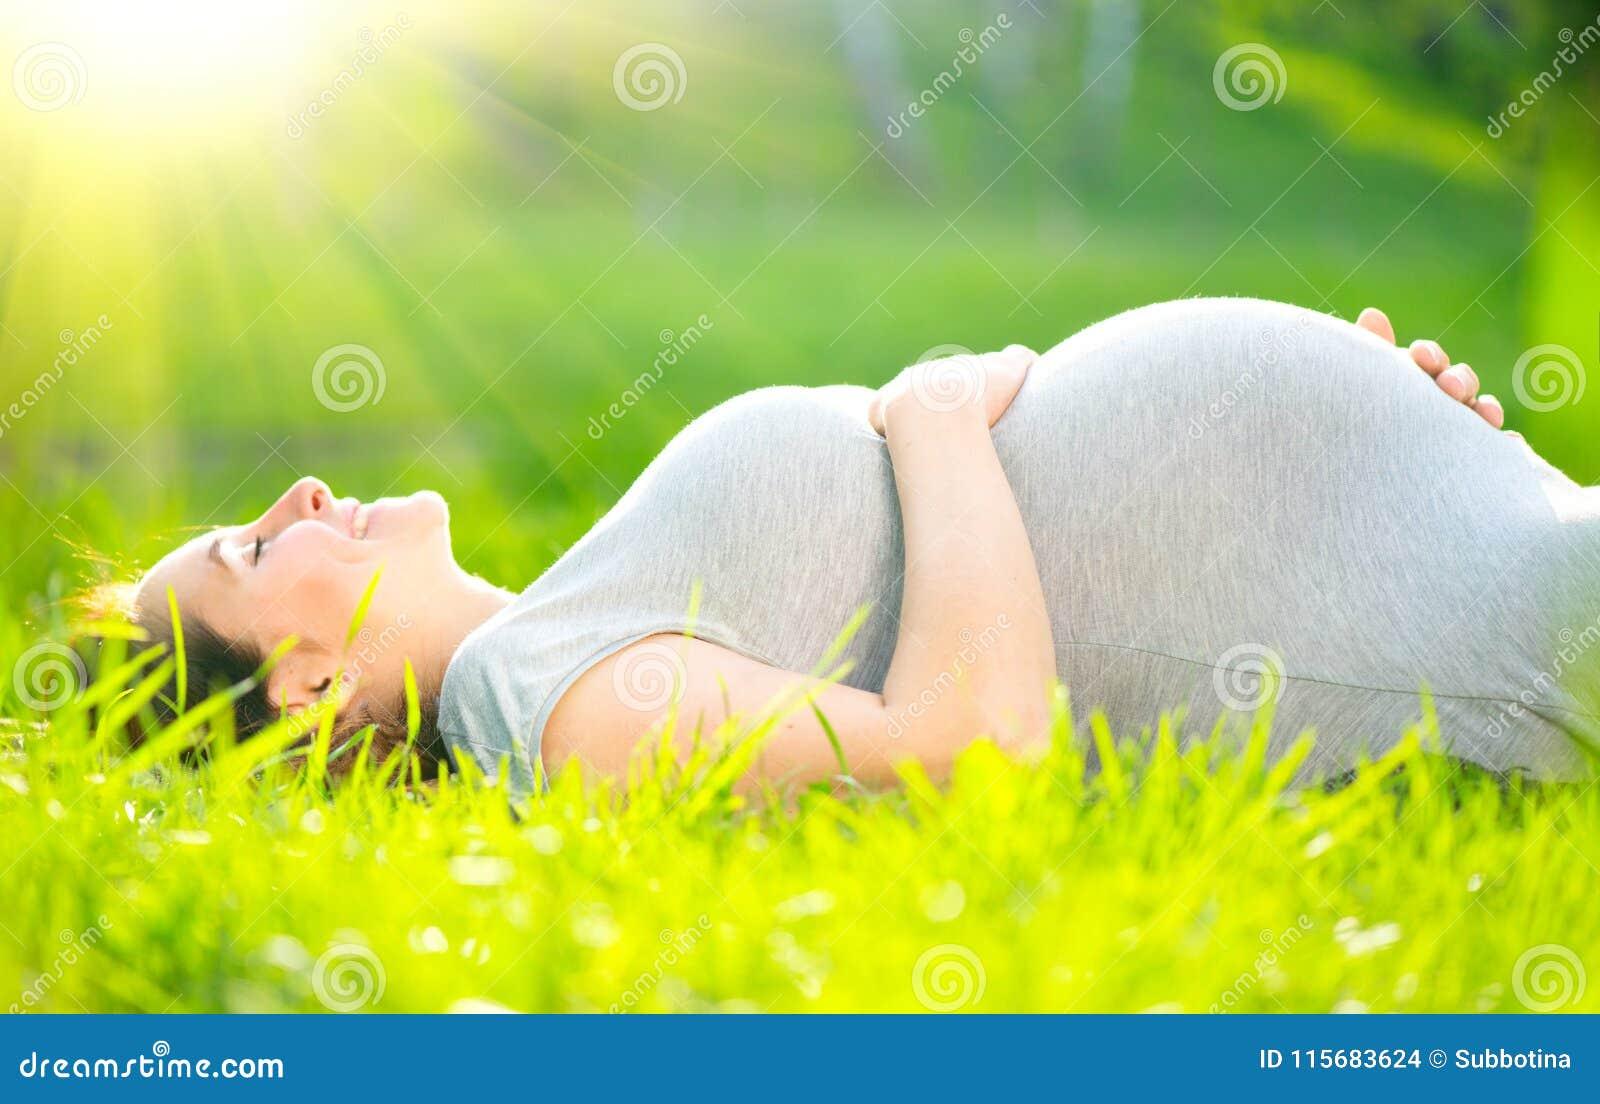 Zwangere midden oude vrouw wat betreft haar buik die op groen gras liggen, die van aard genieten Geïsoleerd op Wit